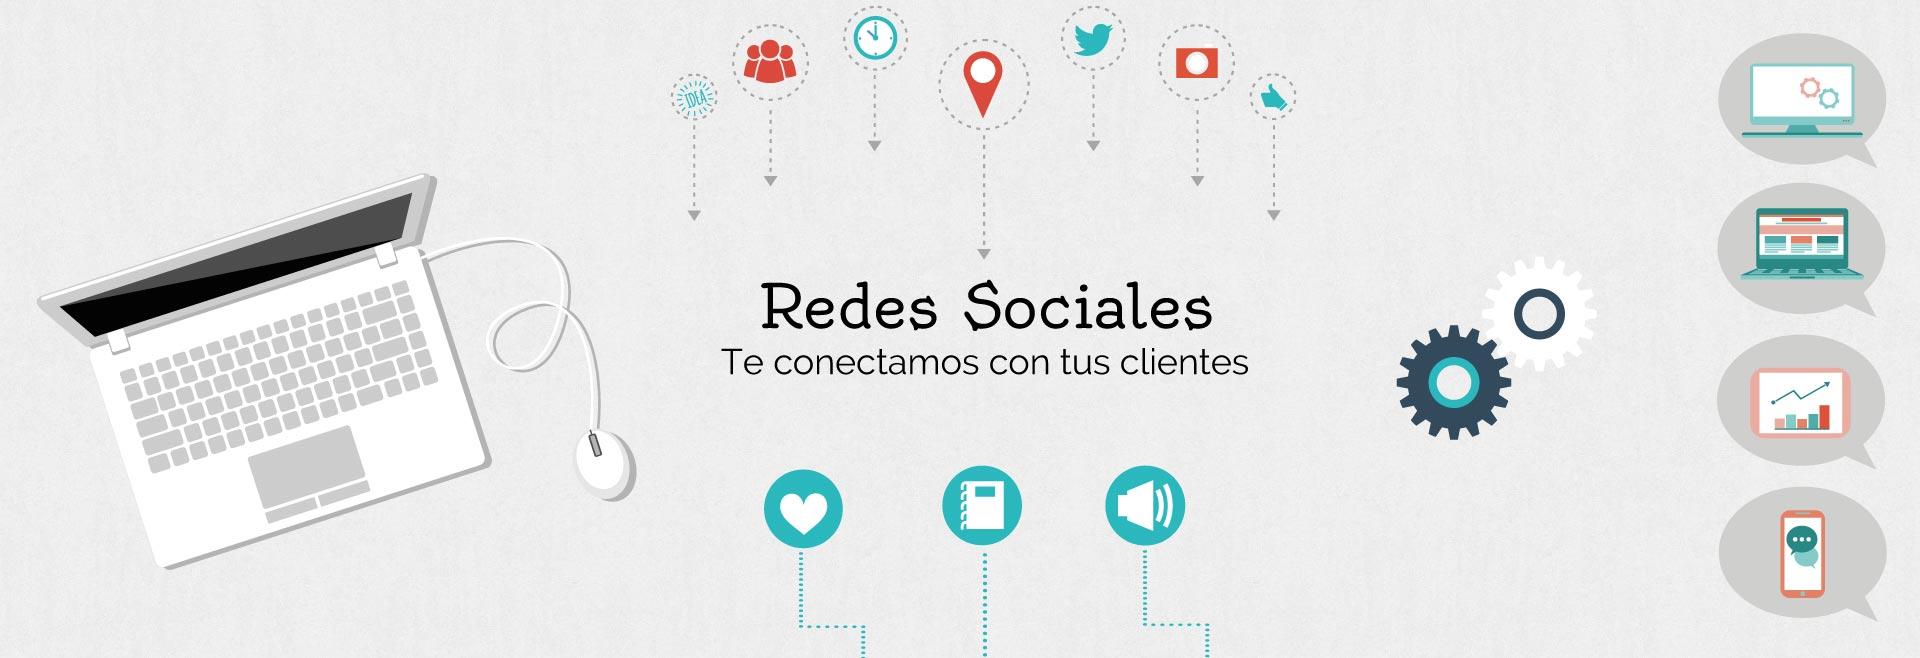 arrobisima-slider-redes-sociales